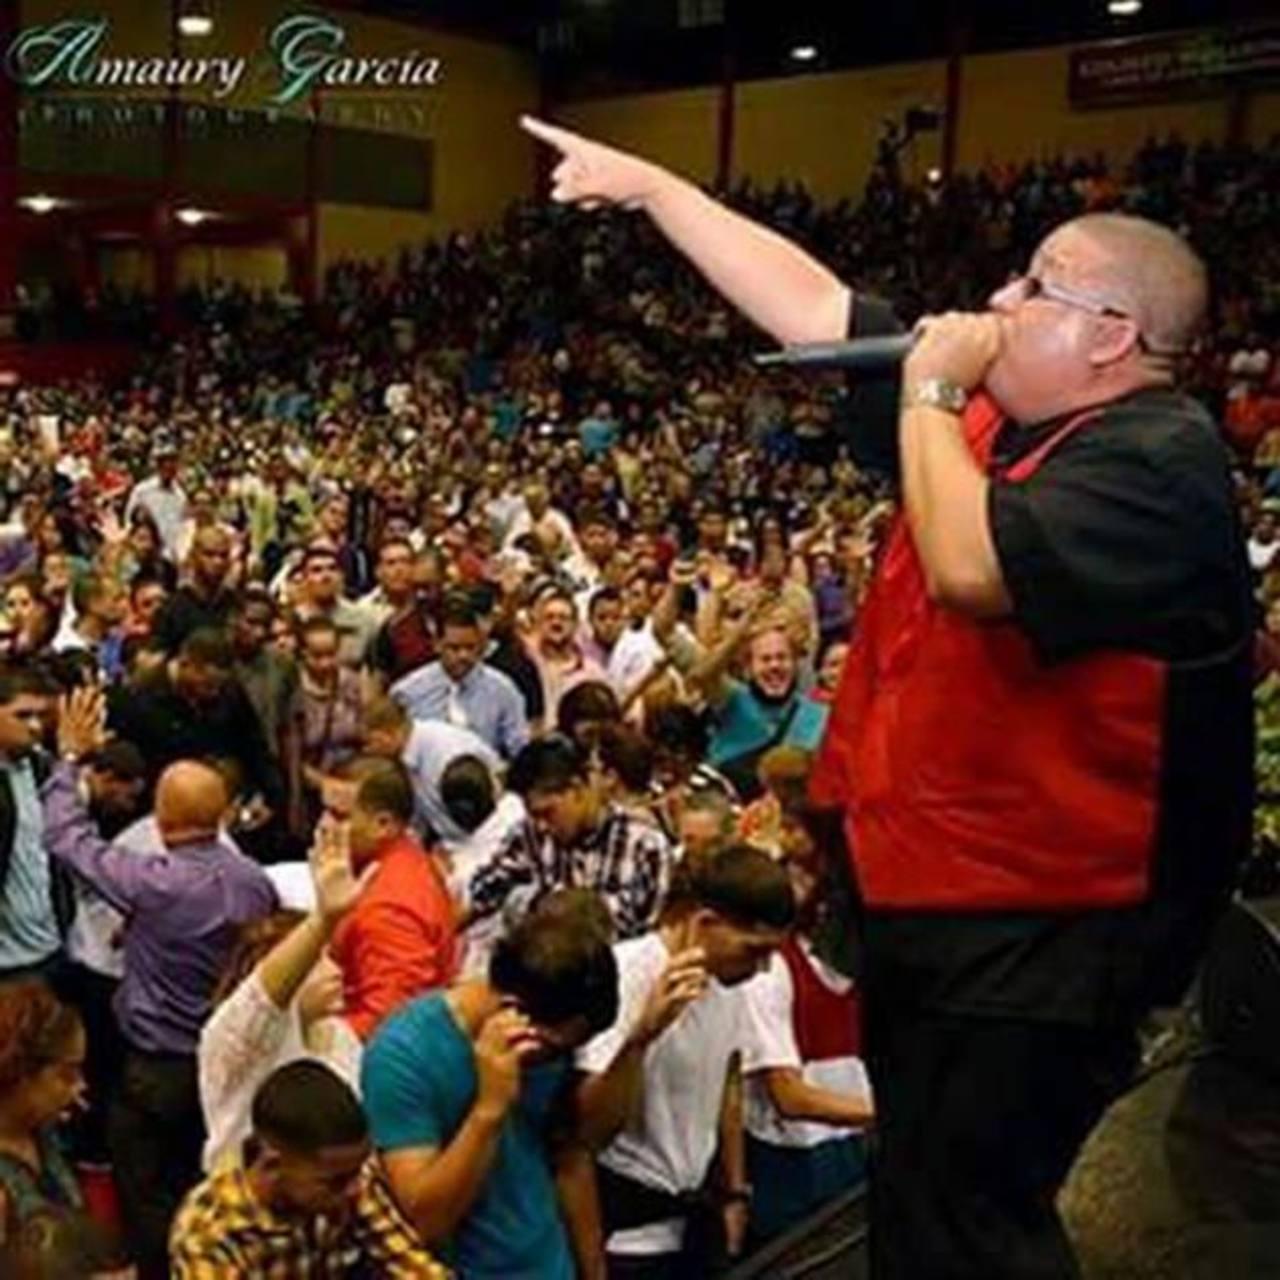 El exreguetonero ofrecerá su testimonio y cantará nuevas melodías enfocadas en su conversión al cristianismo. Foto EDH / cortesía